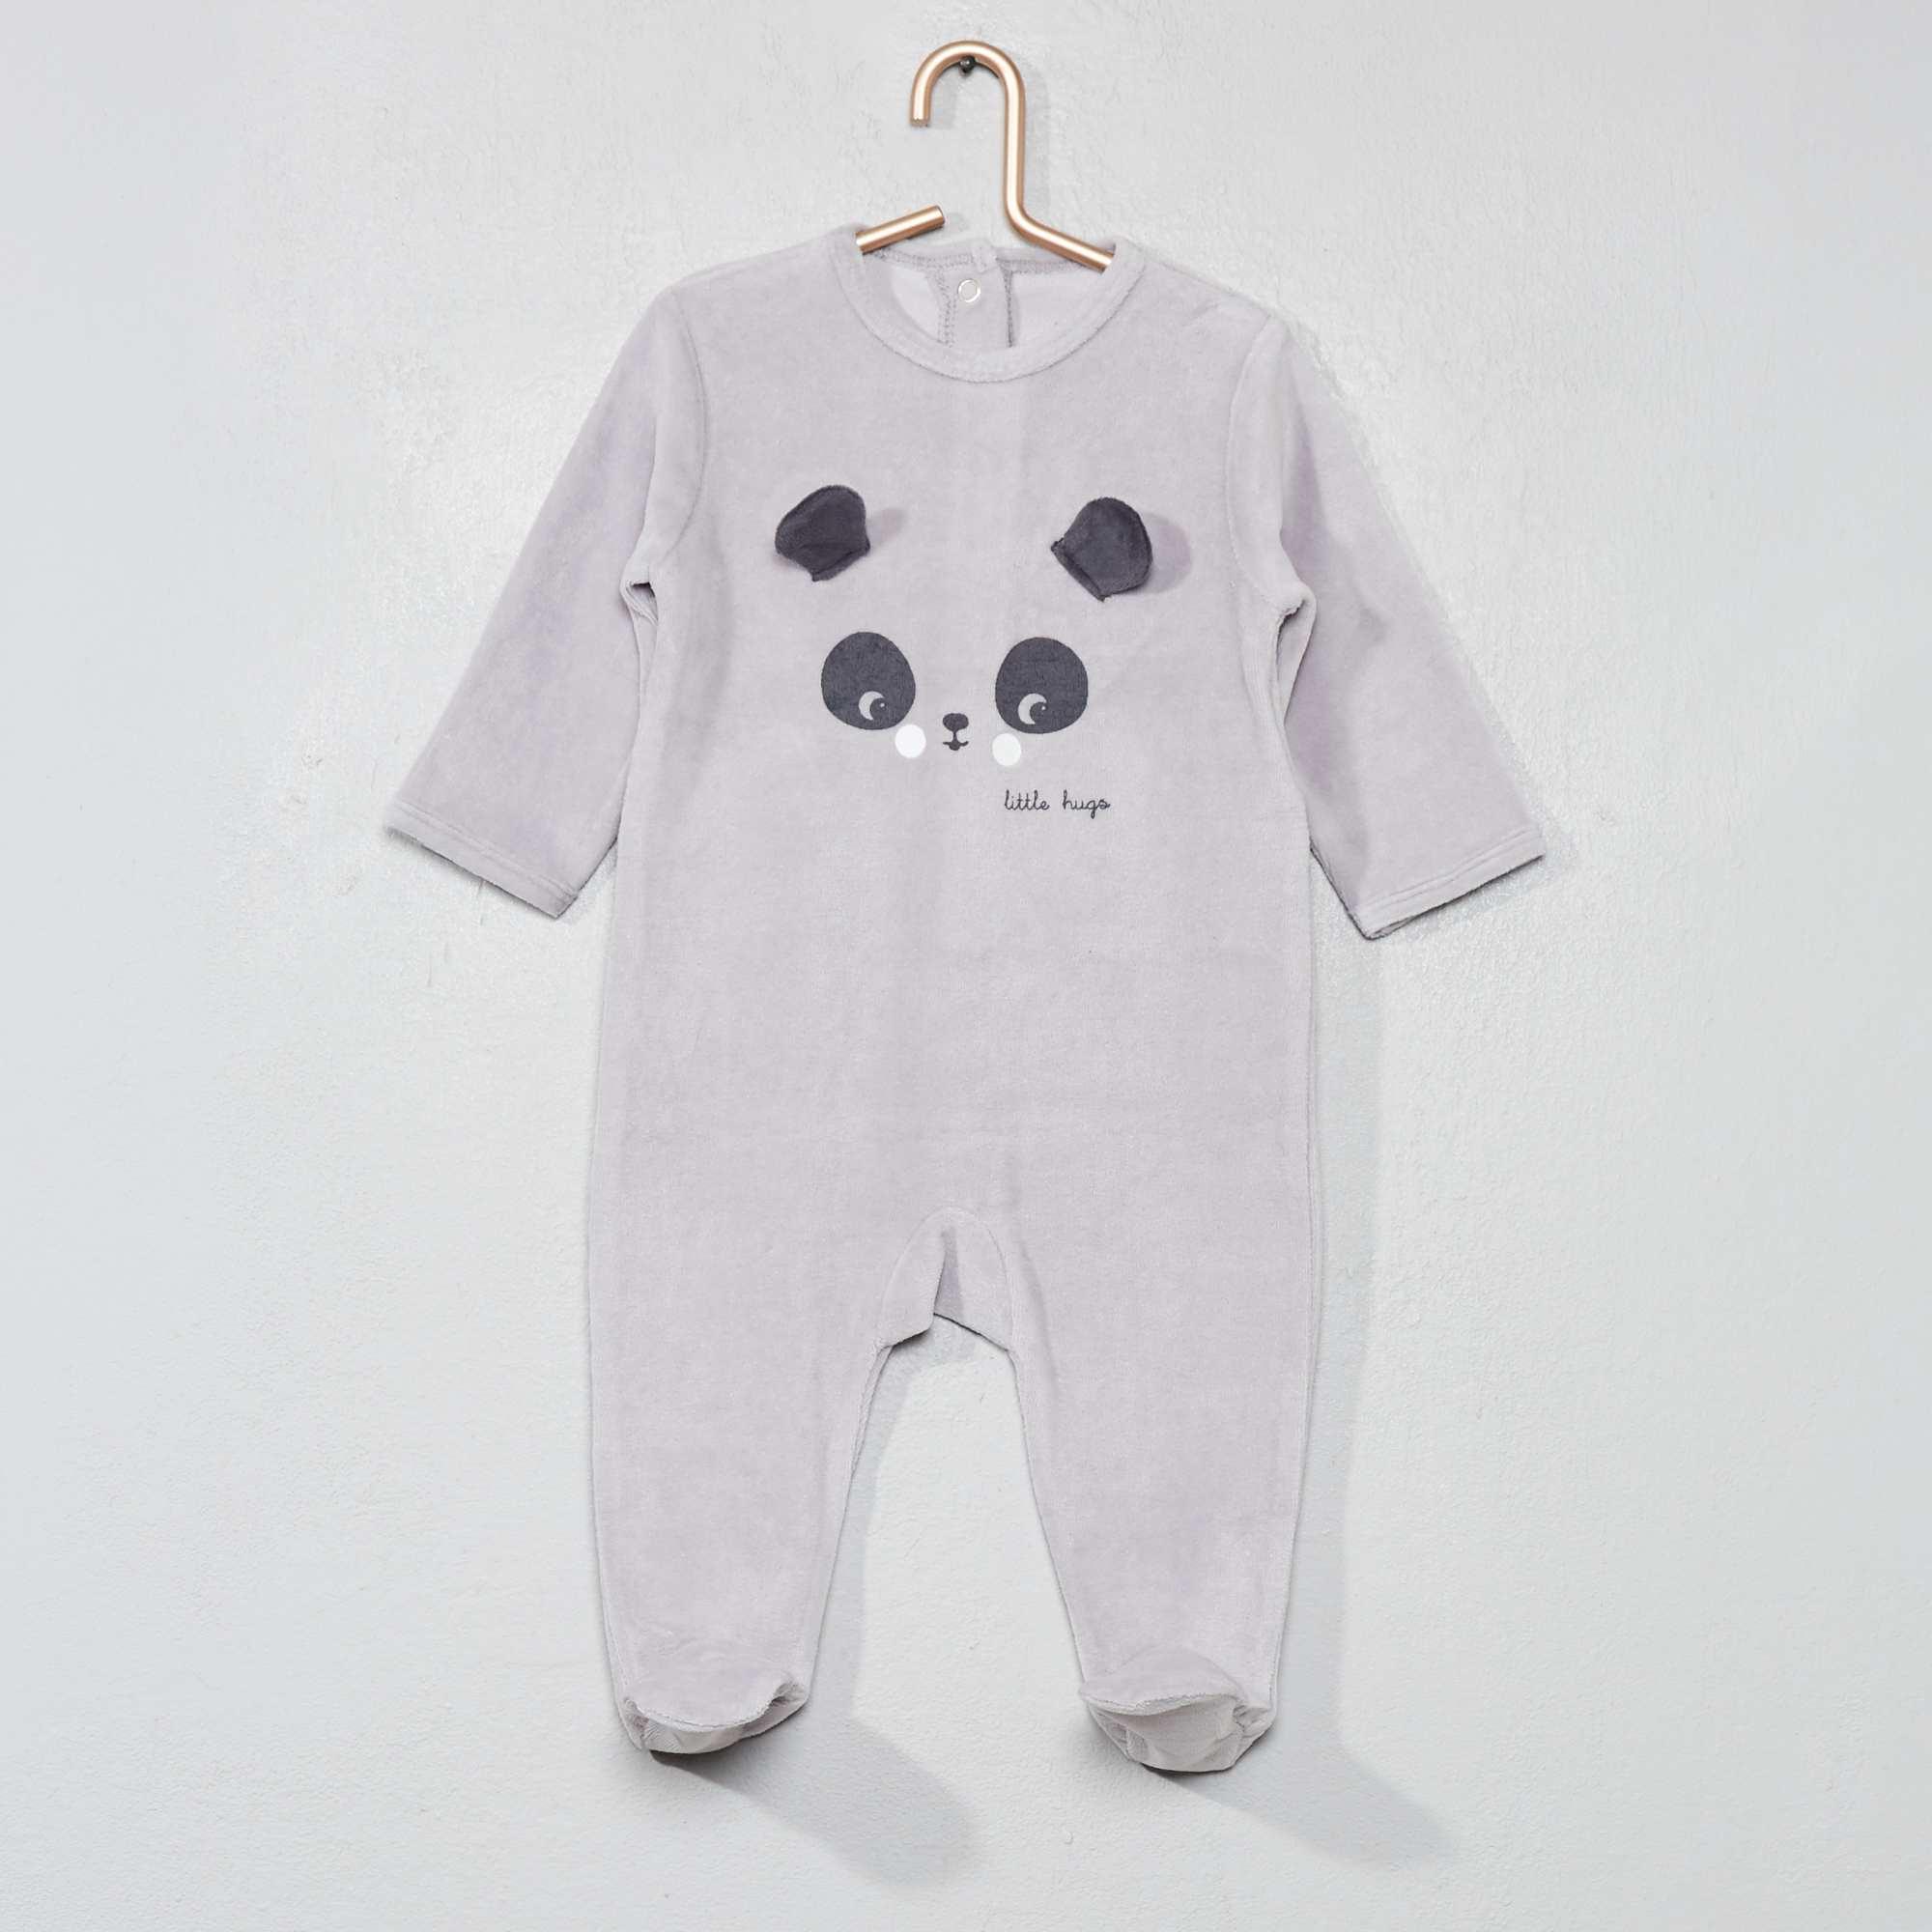 2c3ccf7345135 Pyjama brodé en velours Bébé garçon - gris clair - Kiabi - 10,00€